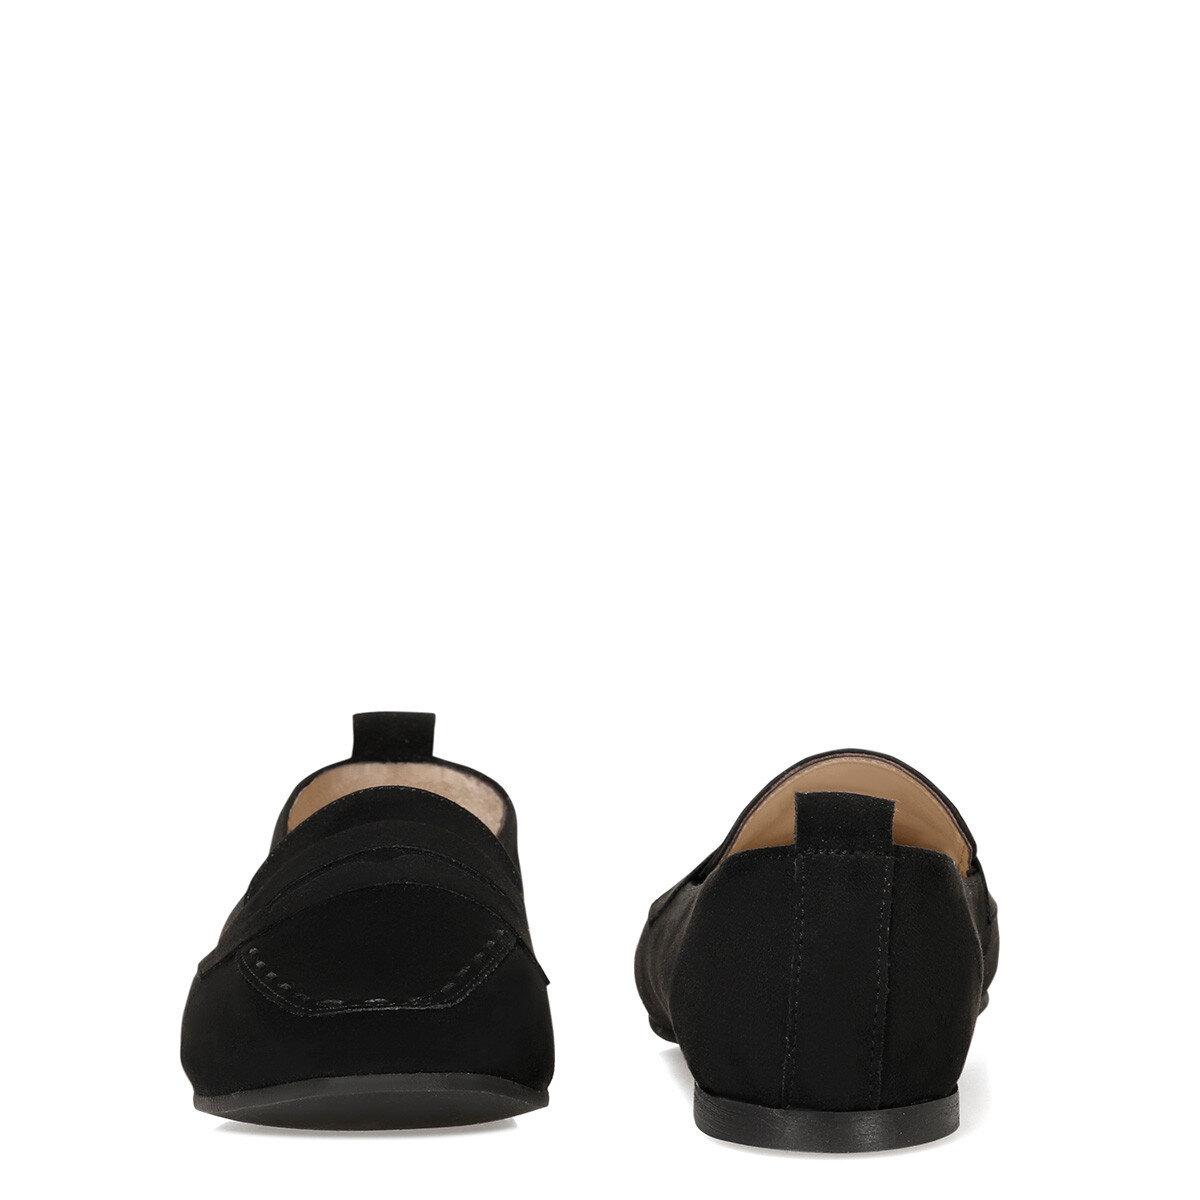 LEFUR3 Siyah Kadın Loafer